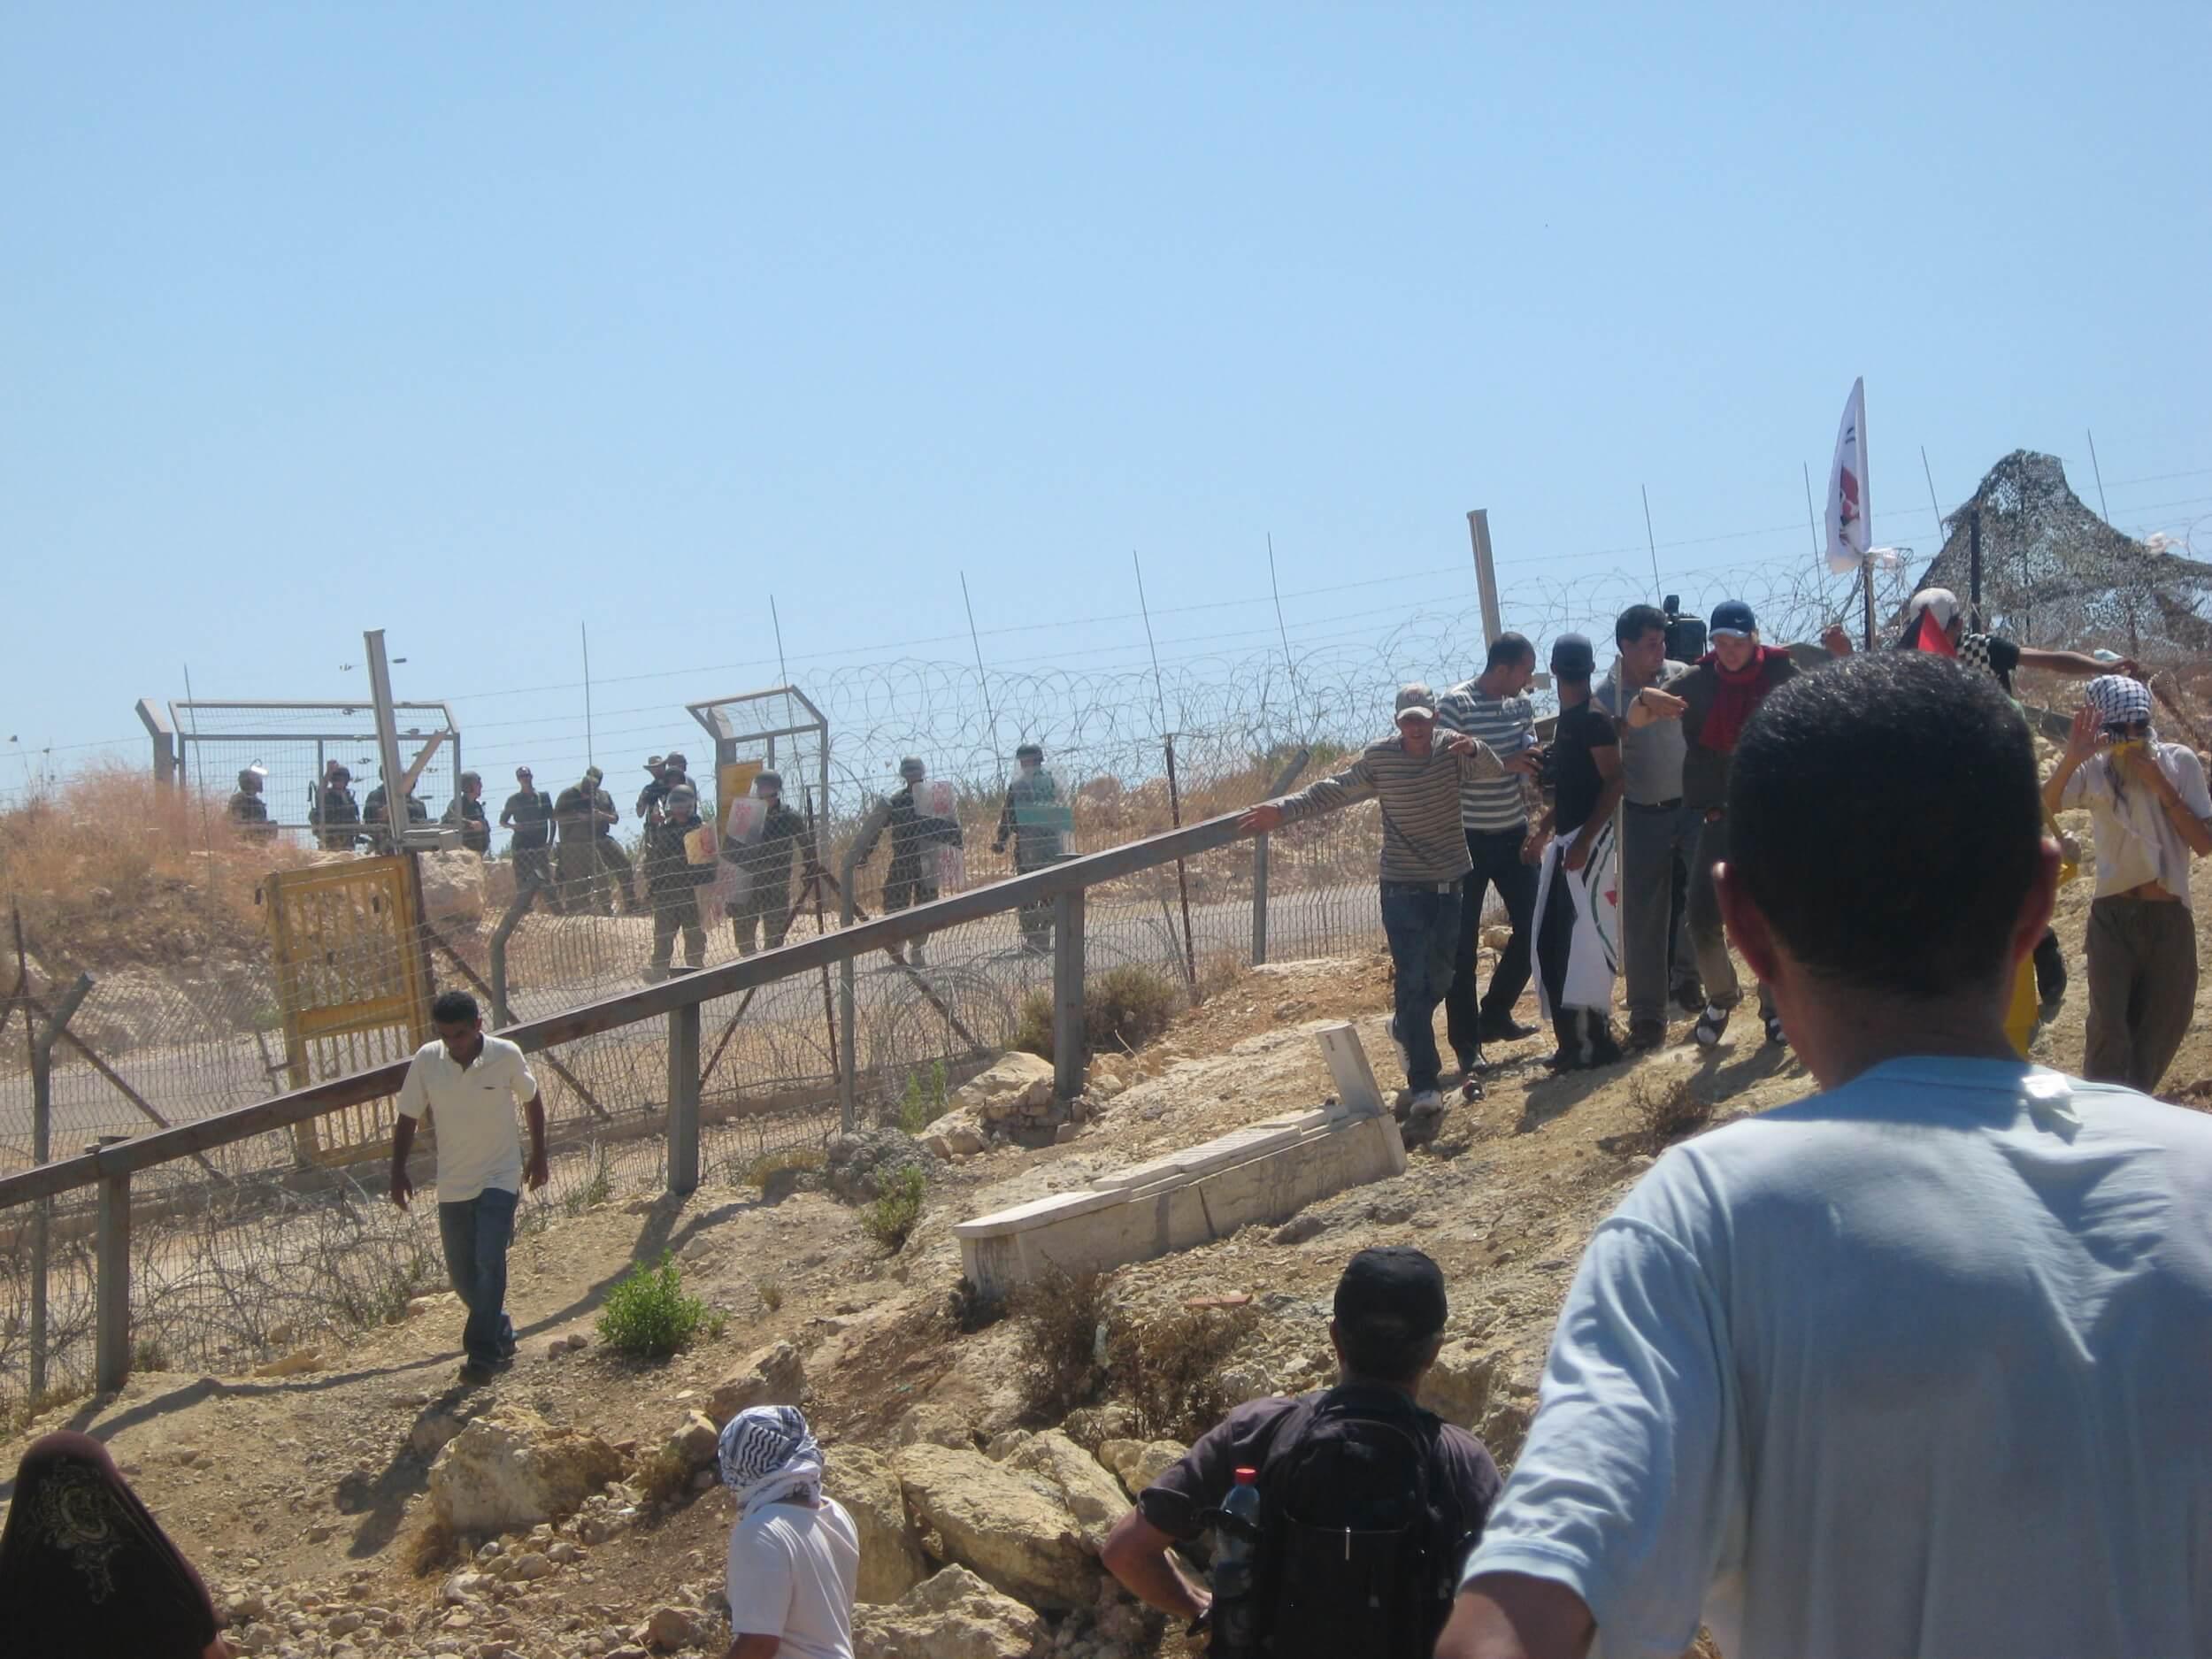 Resistance demonstrations in Bil'lin met with crackdown by Israeli Defense Forces against civilians. (Photo: Harry Gunkel)